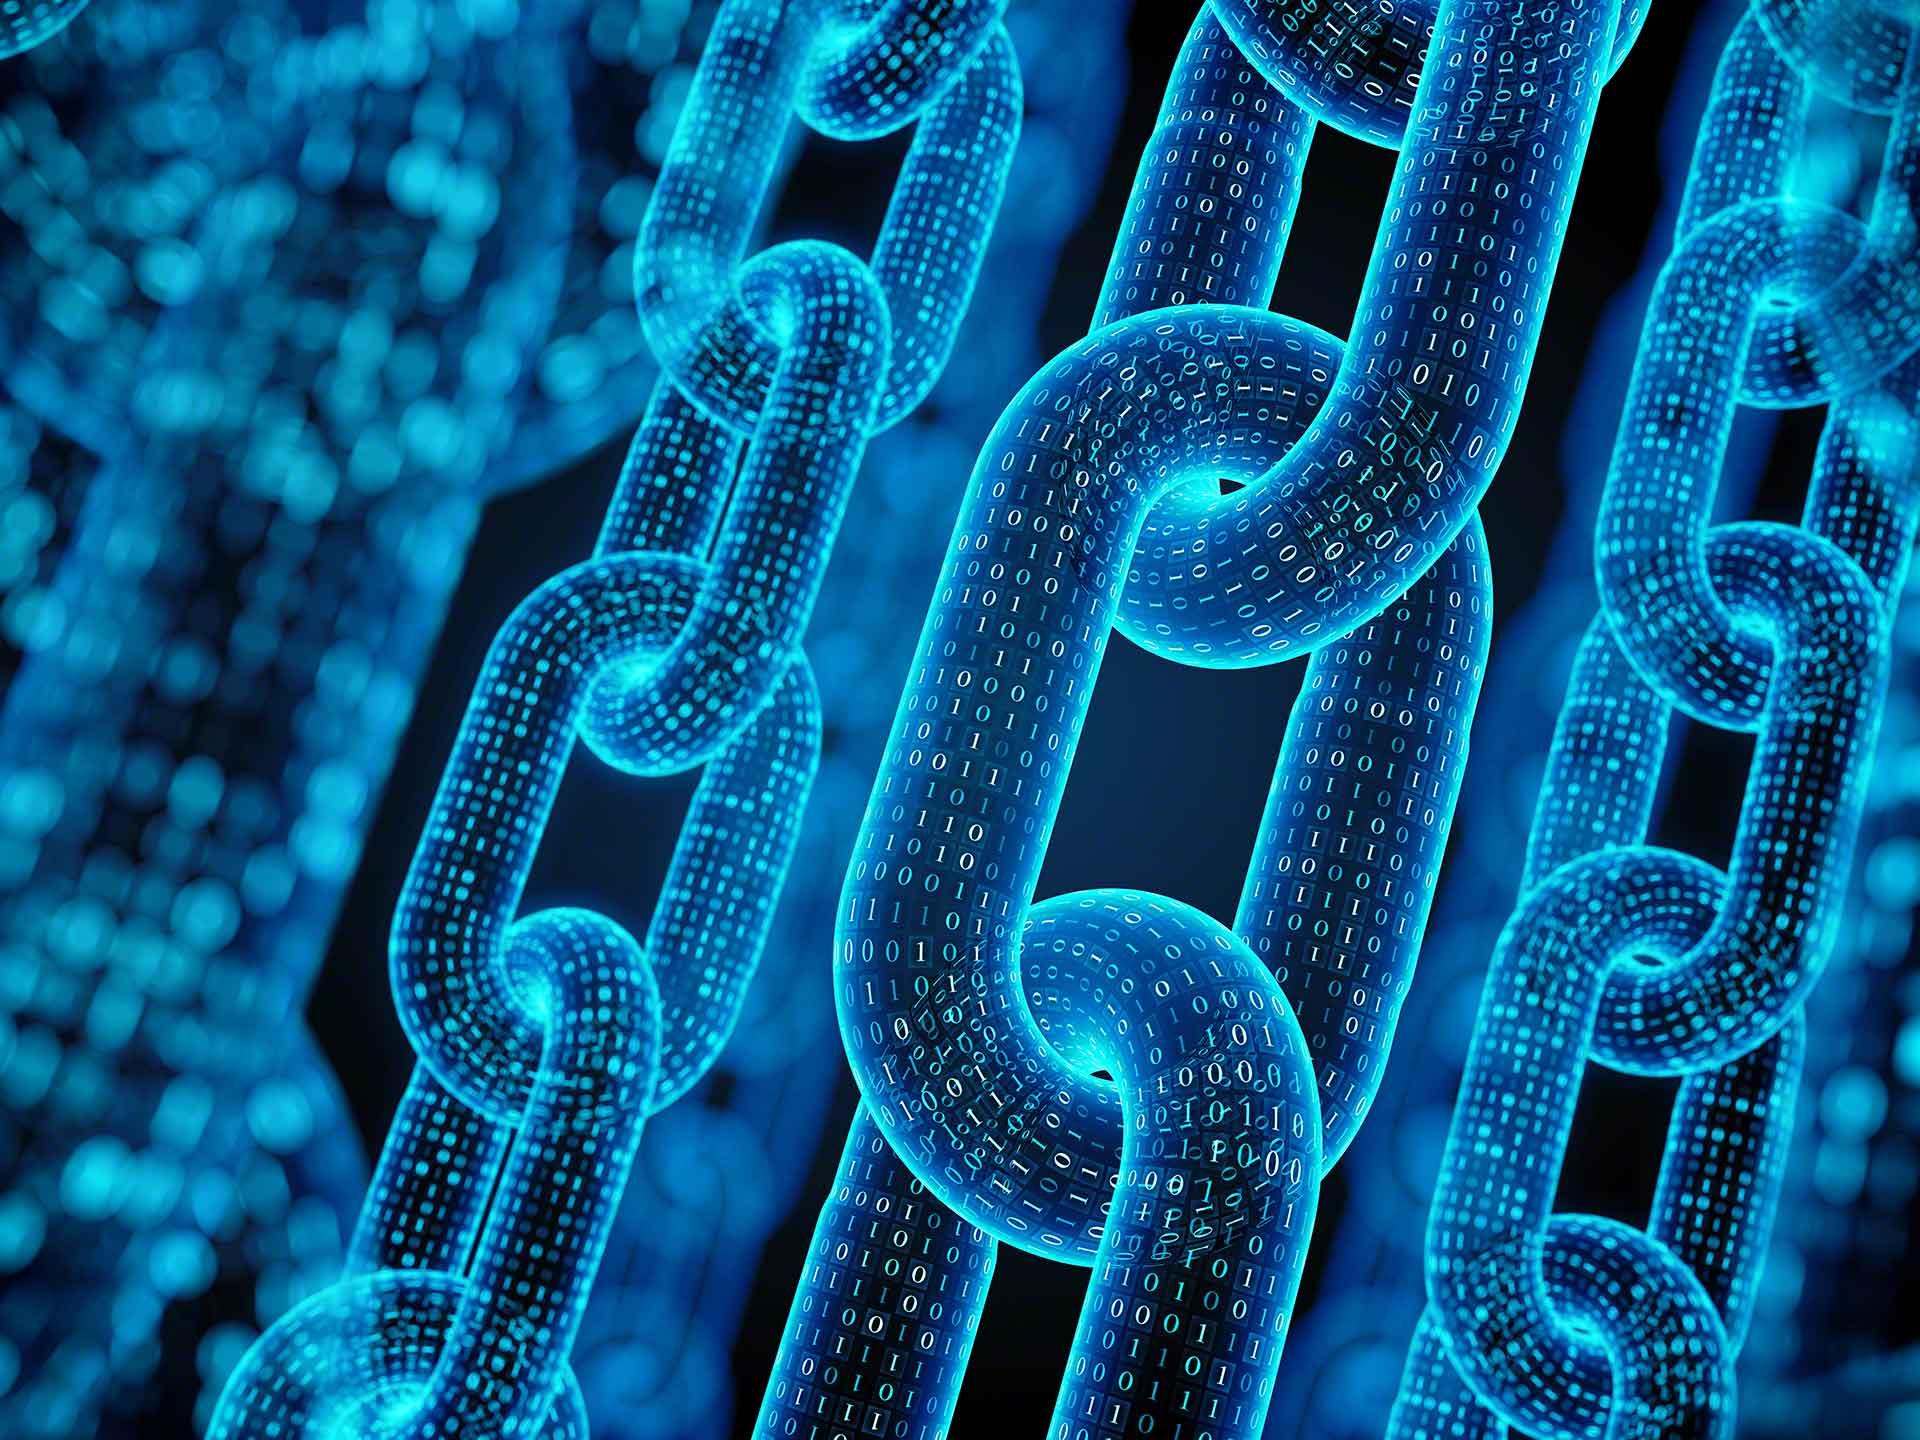 Con la implementación del blockchain, el intercambio de información industrial será más ágil y seguro